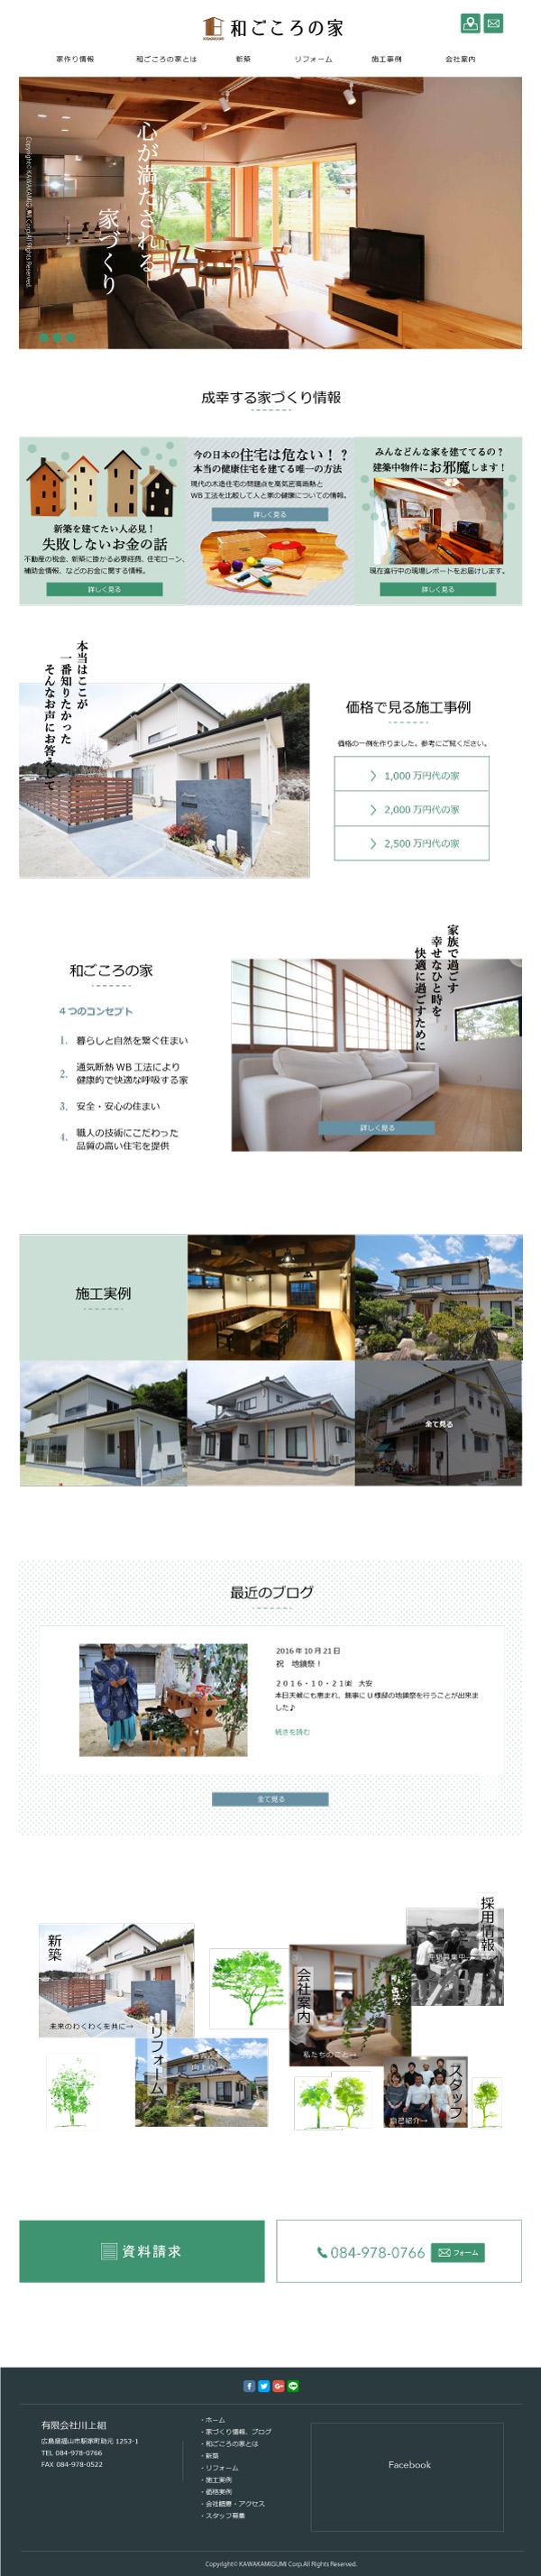 福山 工務店 ウッドライフ 第二デザインカンプ